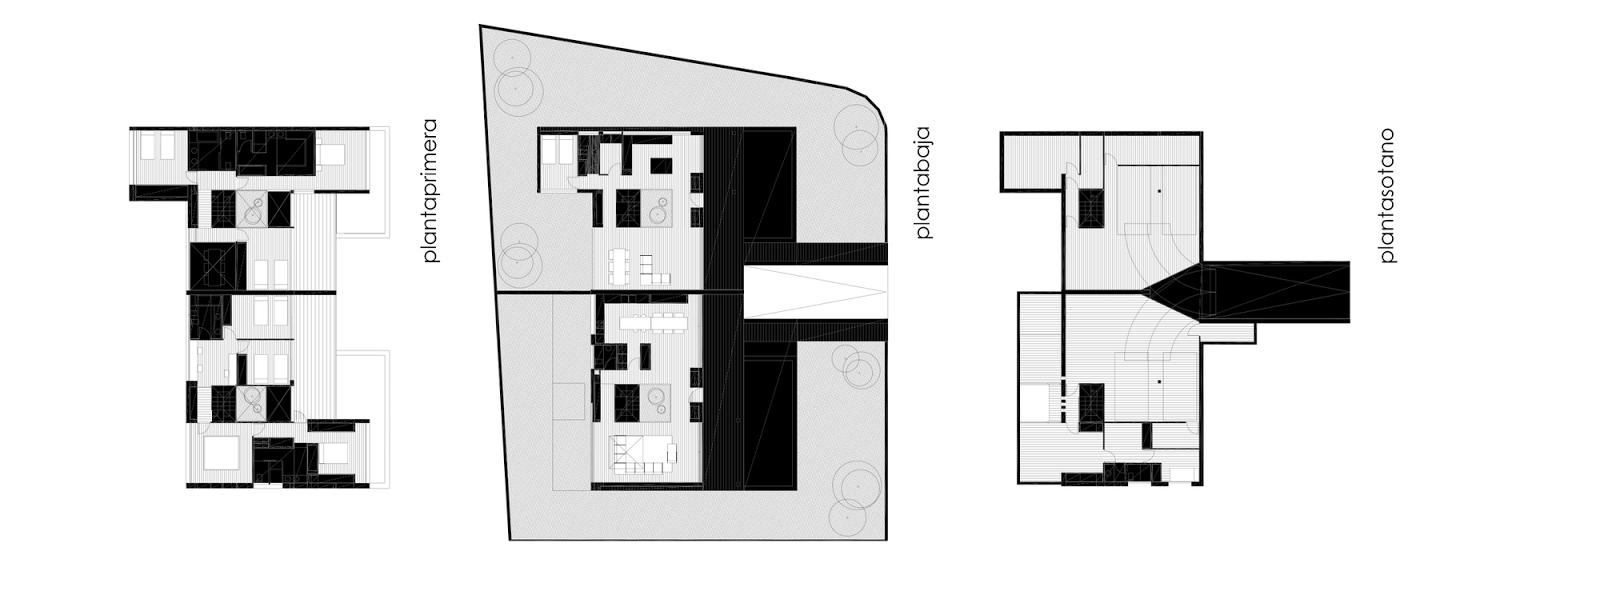 Planos de casas con fachada minimalista antonio - Casas minimalistas en espana ...